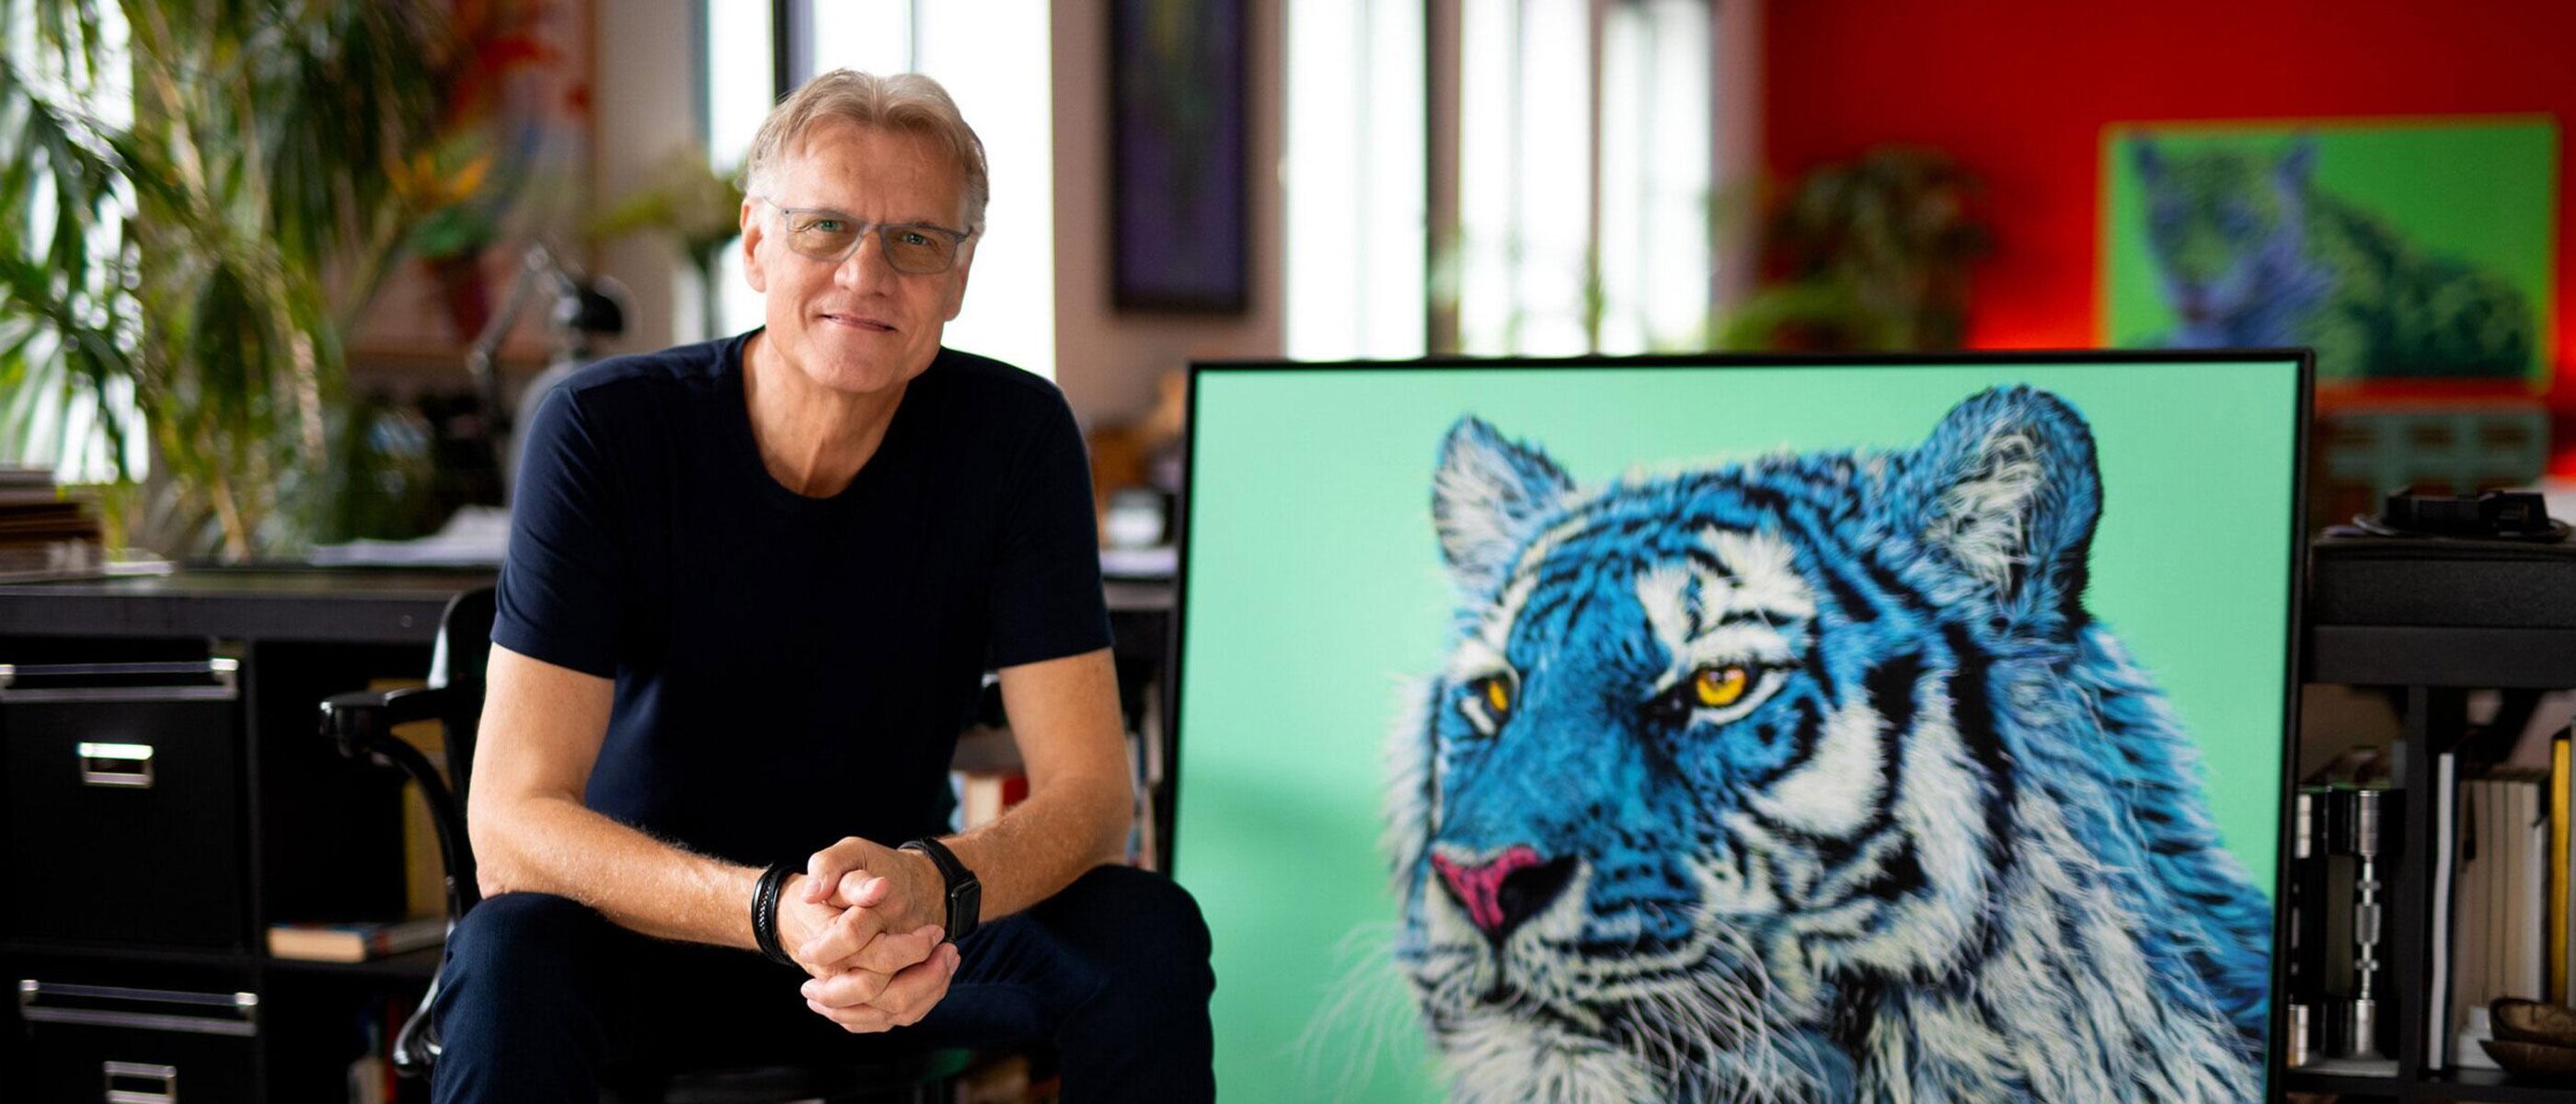 Underground Art Series featured artist Helmut Koller